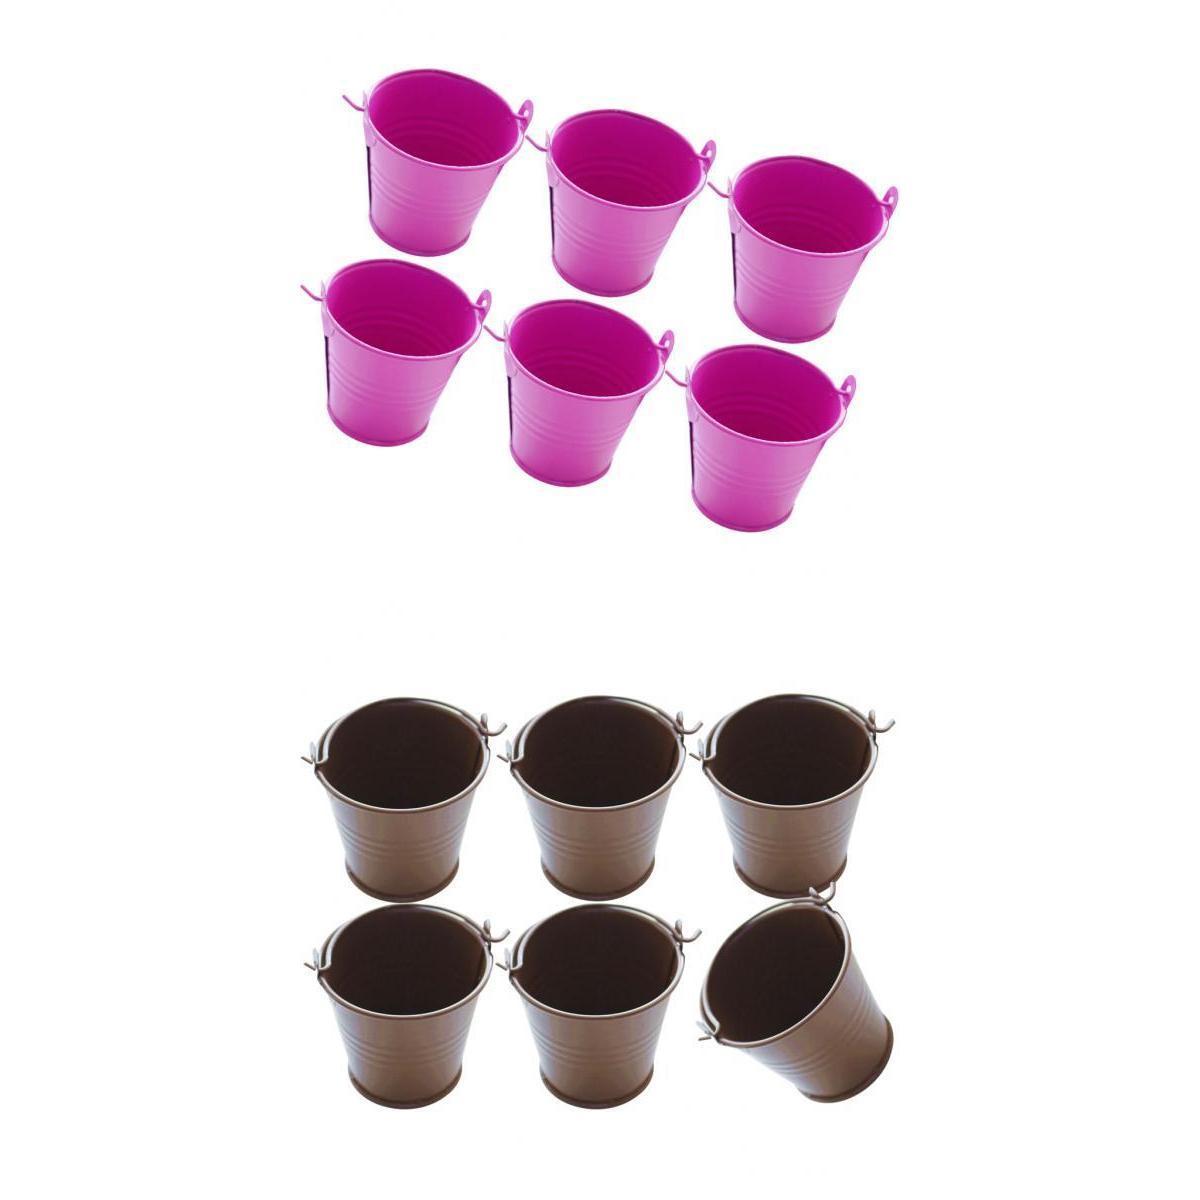 6 × 6 × 6.5CM معدنية صغيرة Buckets- 12 Pieces- دلو للزهور حلوى حلوى، عظيم لالحسنات الحزب، اكسسوارات الحزب والديكور